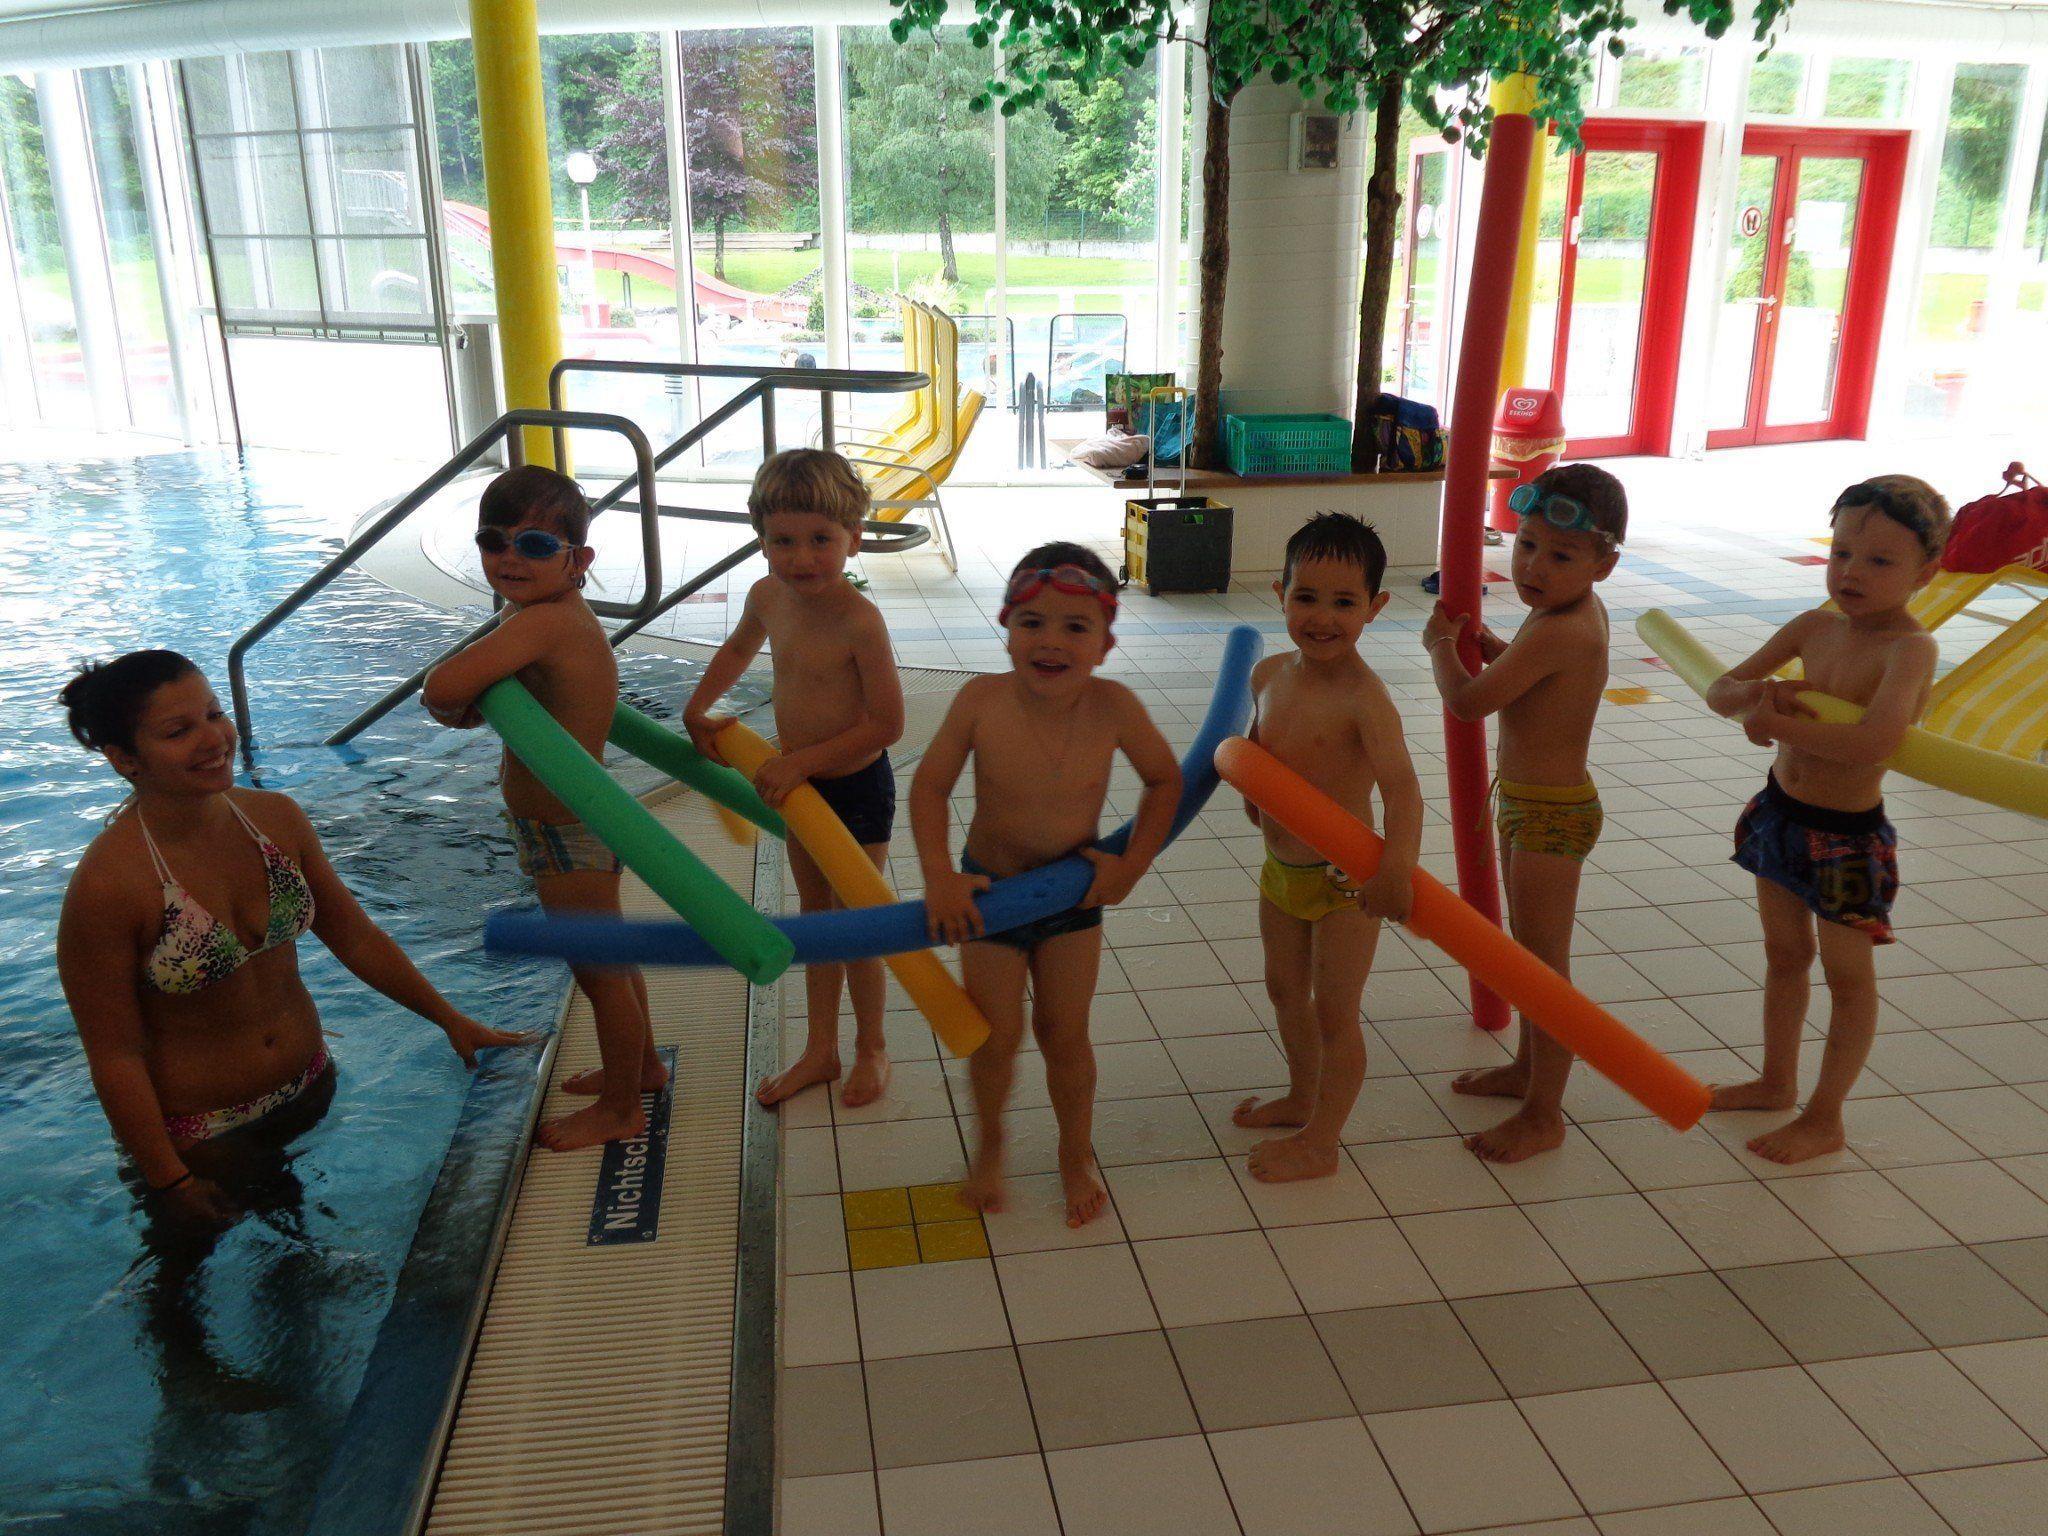 Die Kinder des Kneipp-Kindergartens fühlen sich im Element Wasser sichtlich wohl.